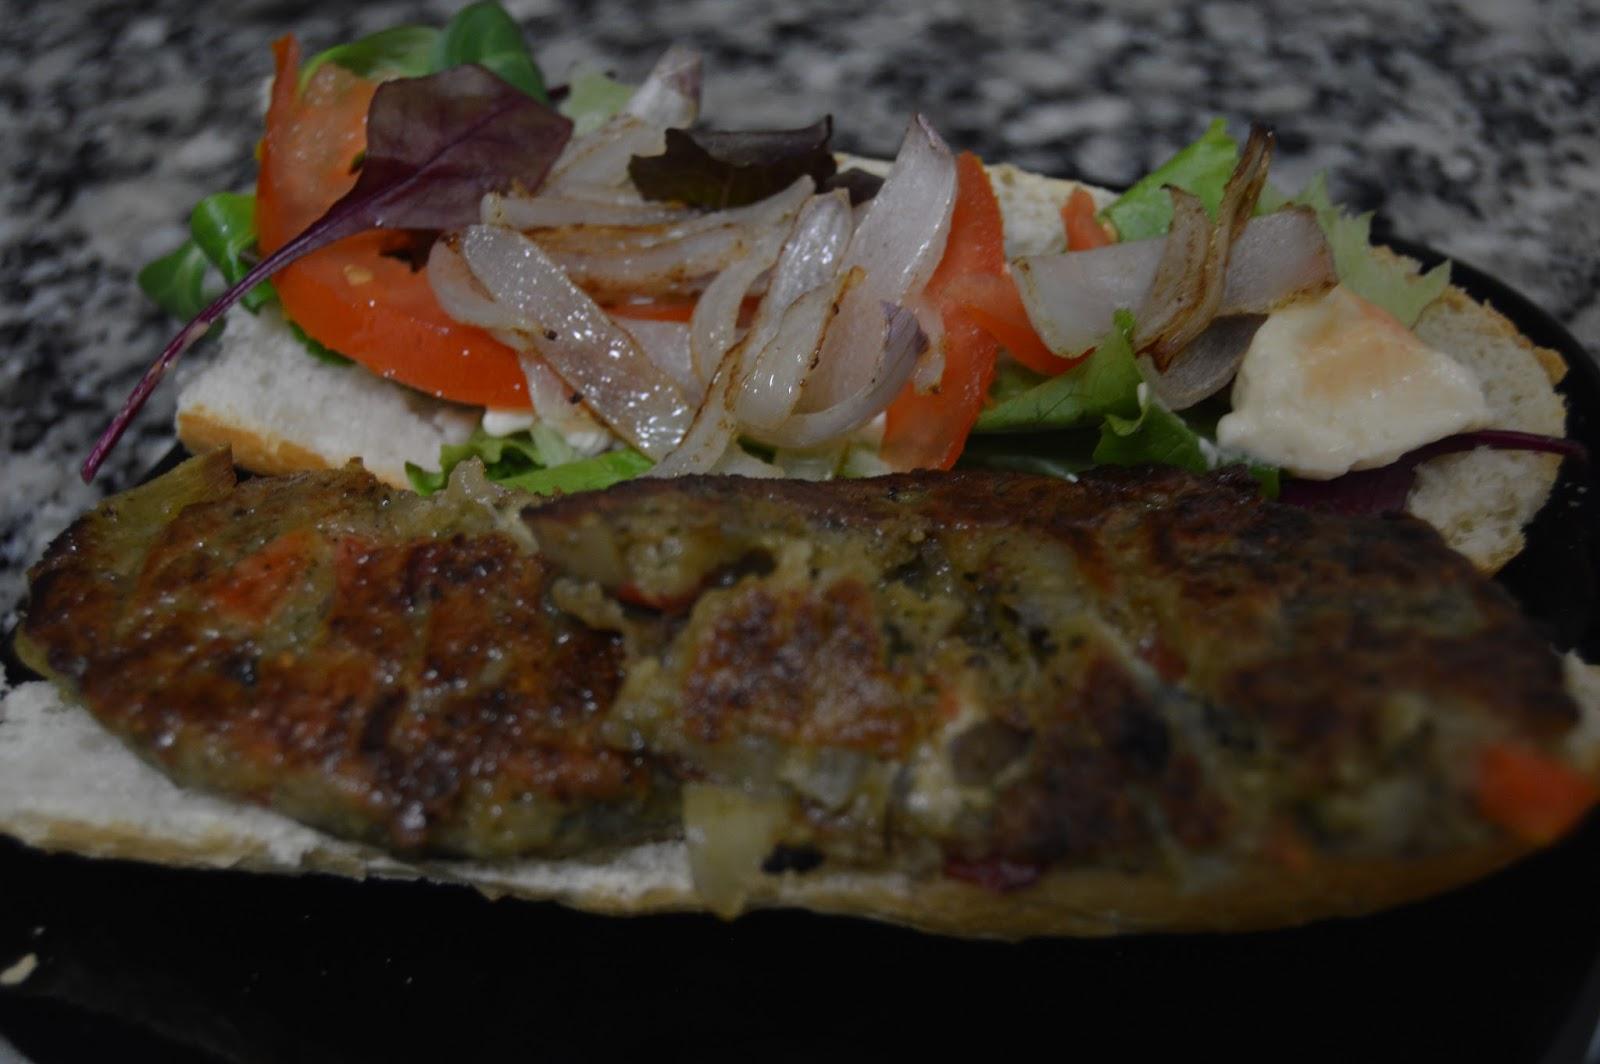 Las recetas veganas hamburguesas de verduras - Hamburguesa de verduras ...